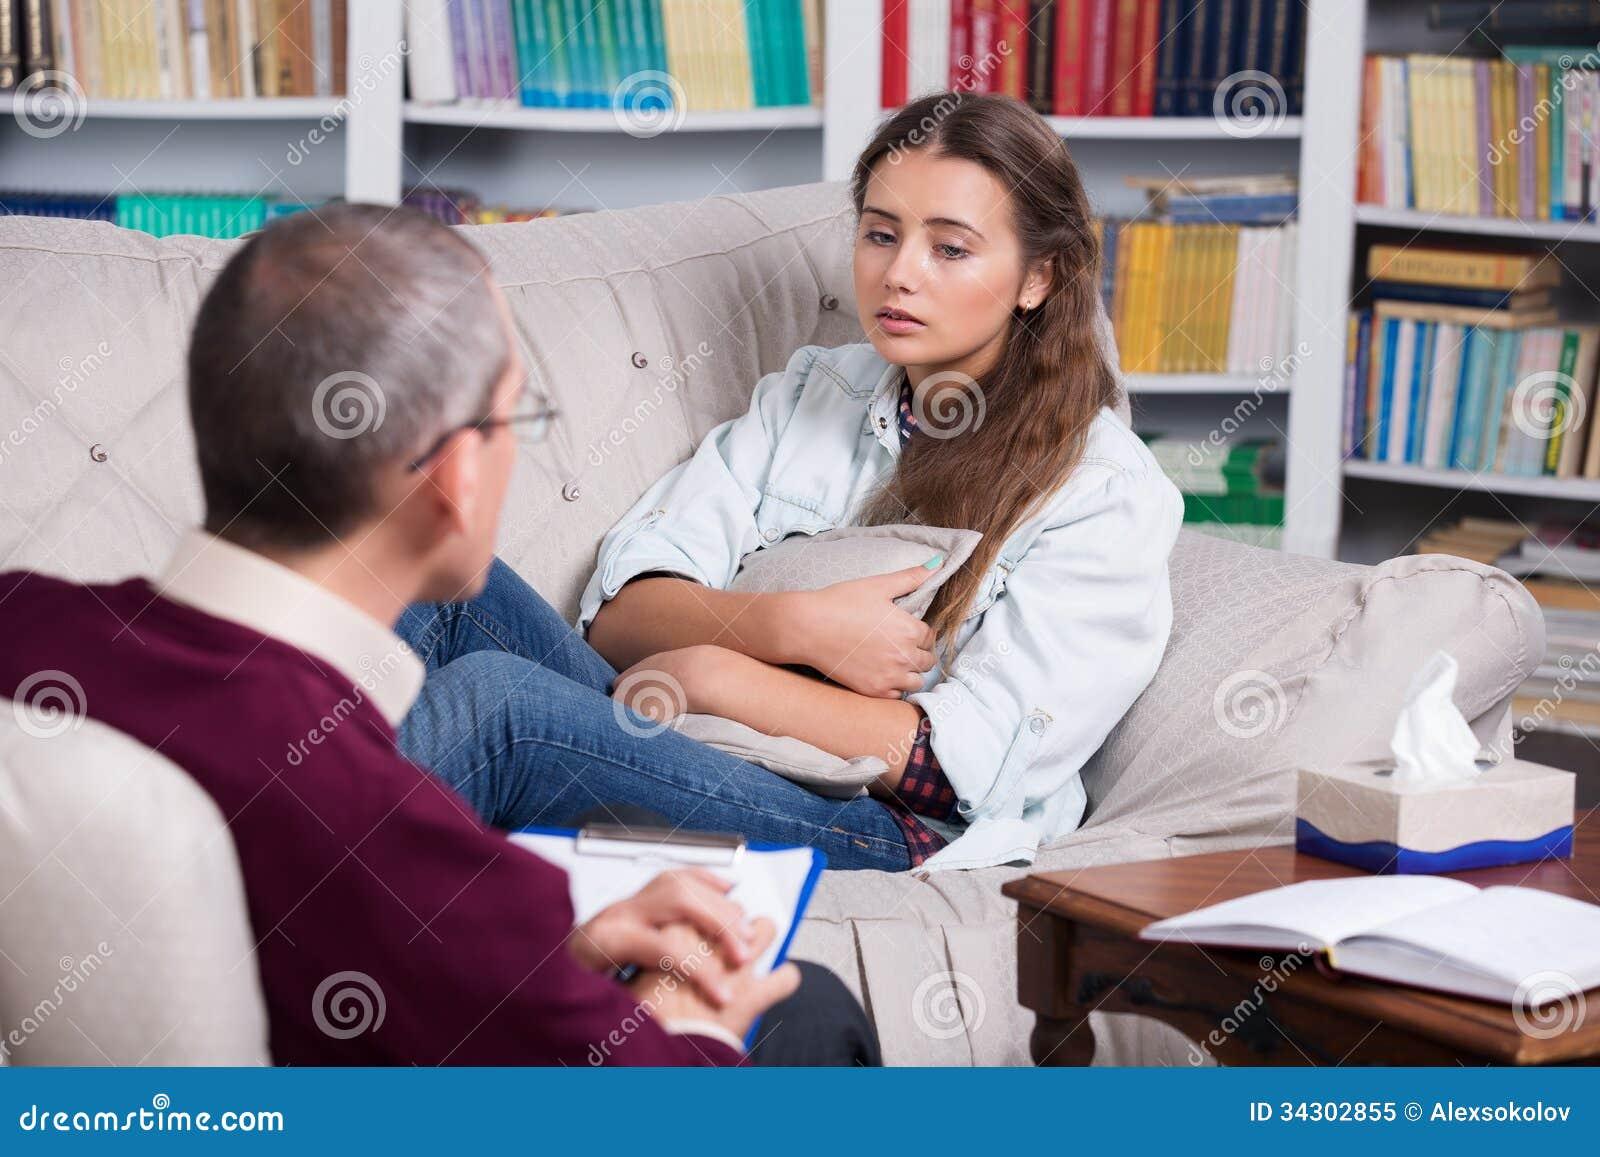 精神病医生和间距患者哭泣妇女界面设计文字ui图片